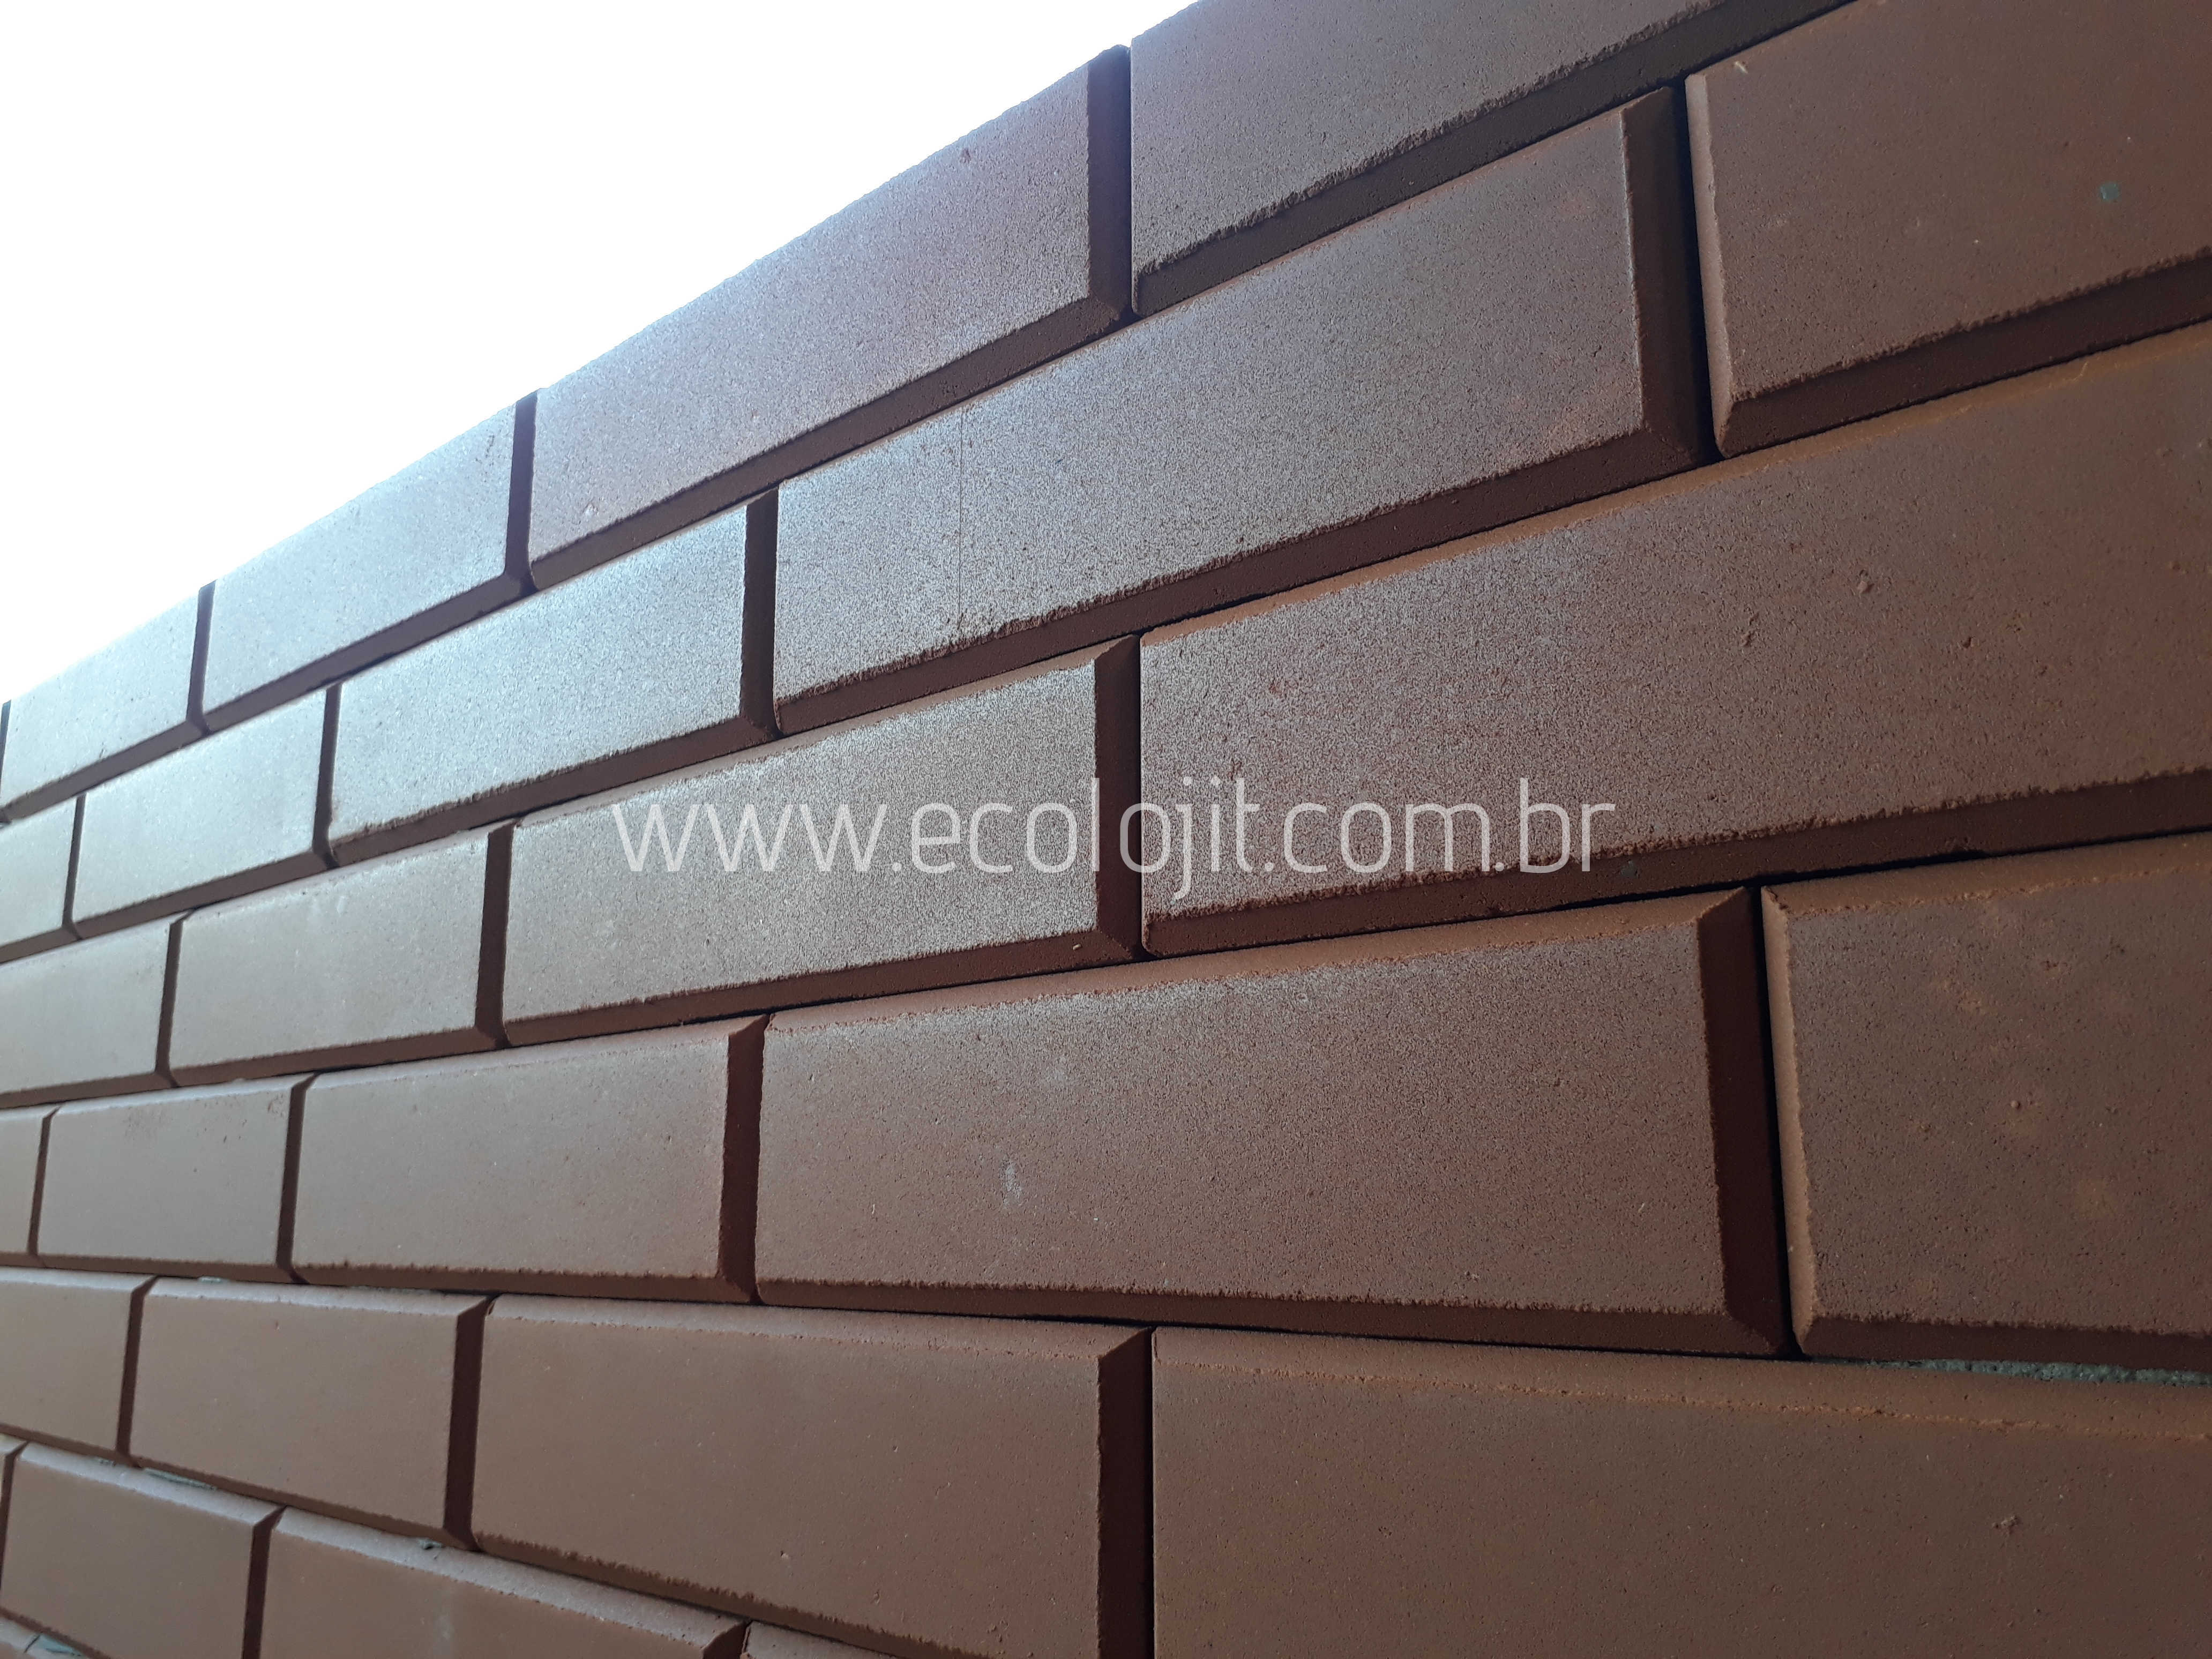 Tijolo ecológico é uma excelente opção de acabamento e revestimento para alvenaria residencial.